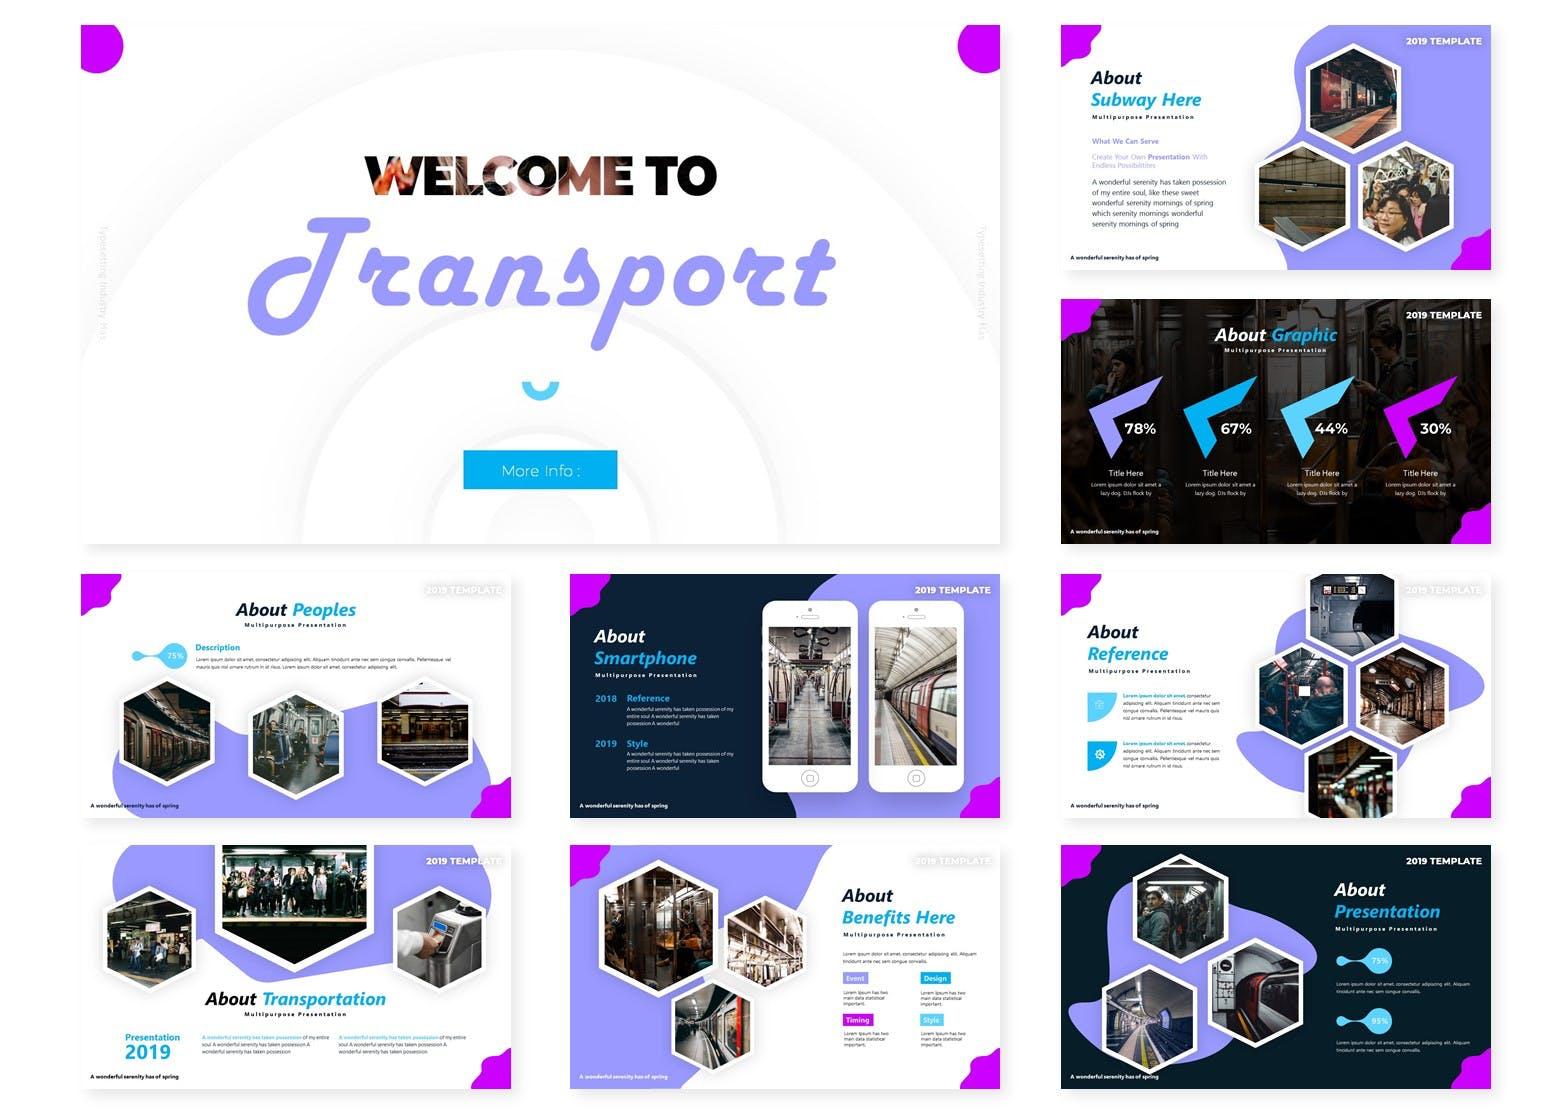 互联网融资企业路演宣讲PPT幻灯片模板Transport Powerpoint Template插图(1)